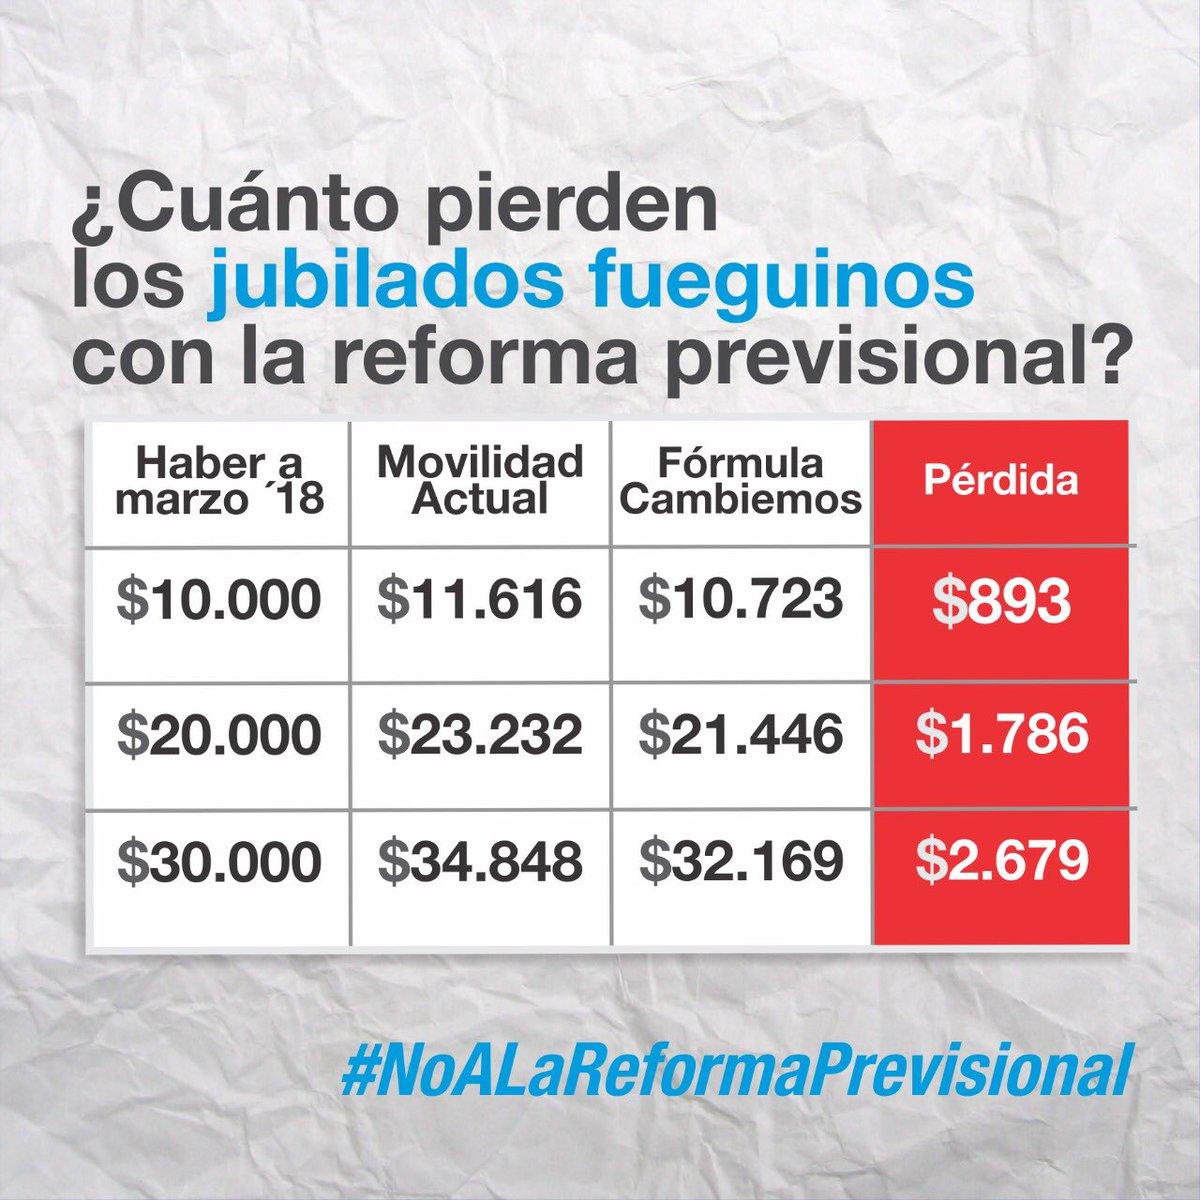 Con la reforma previsional de cambiemos,...